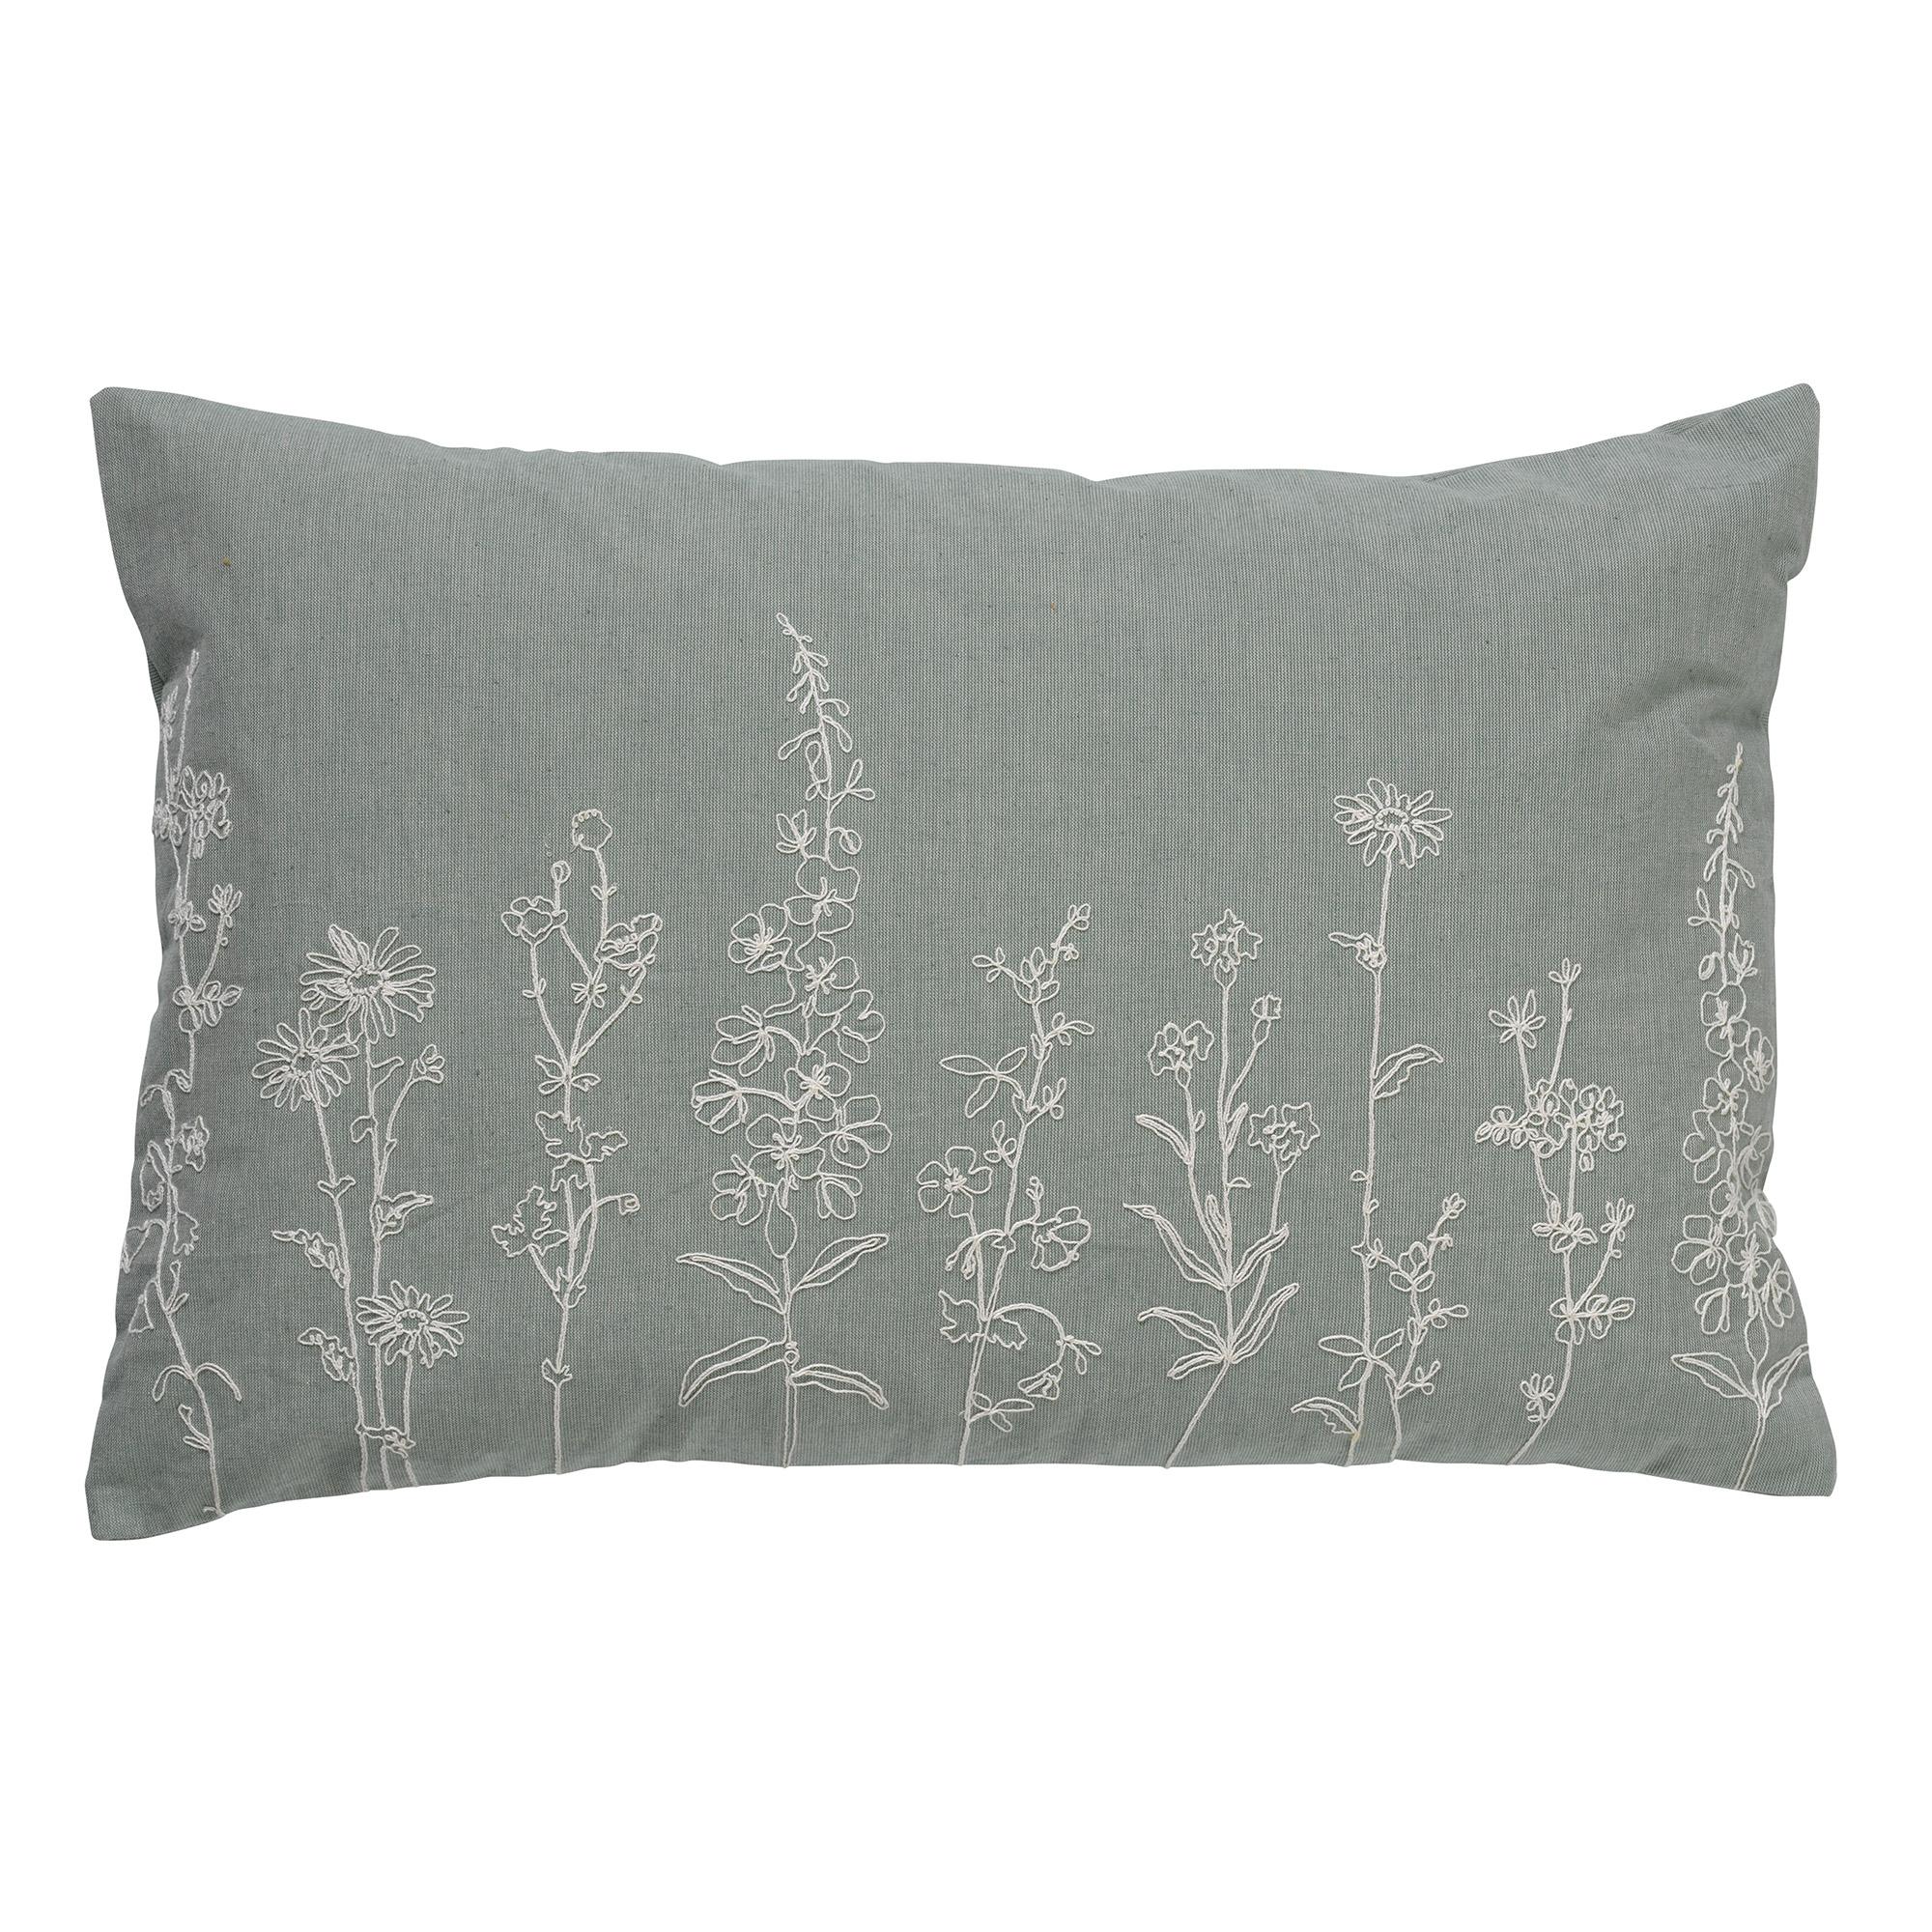 Housse de coussin en velours avec des fleurs Jade 40x60